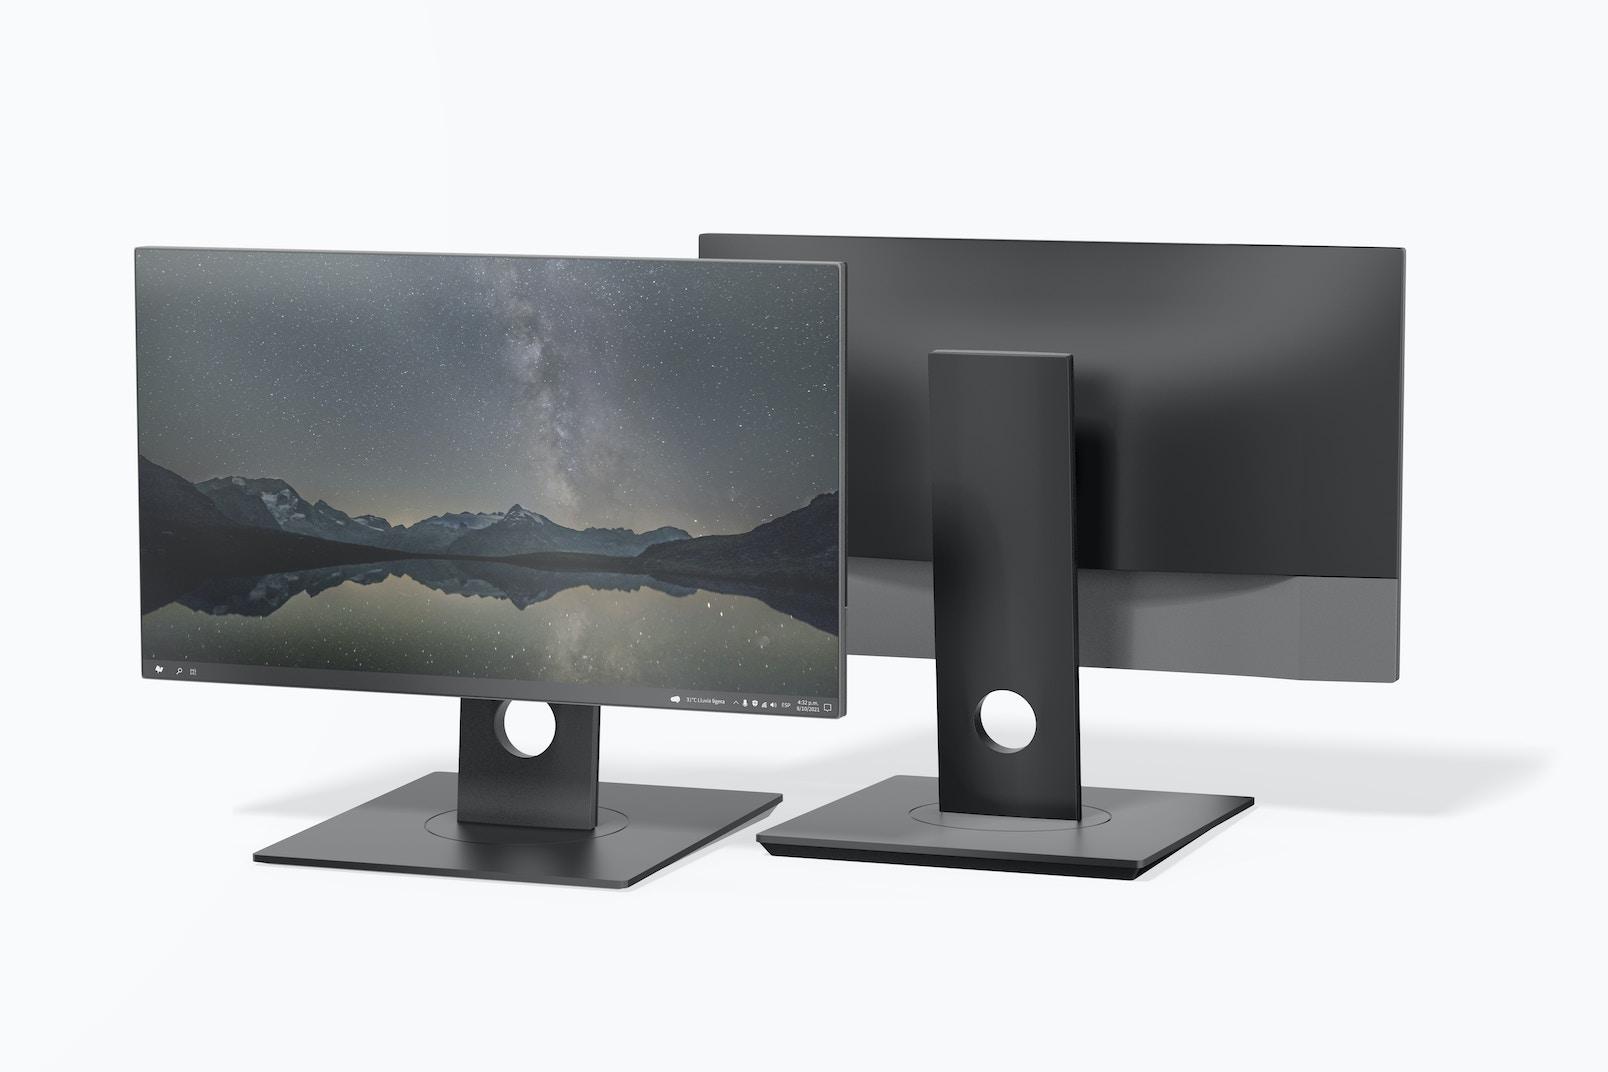 Computer Monitor Mockup, Front and Back